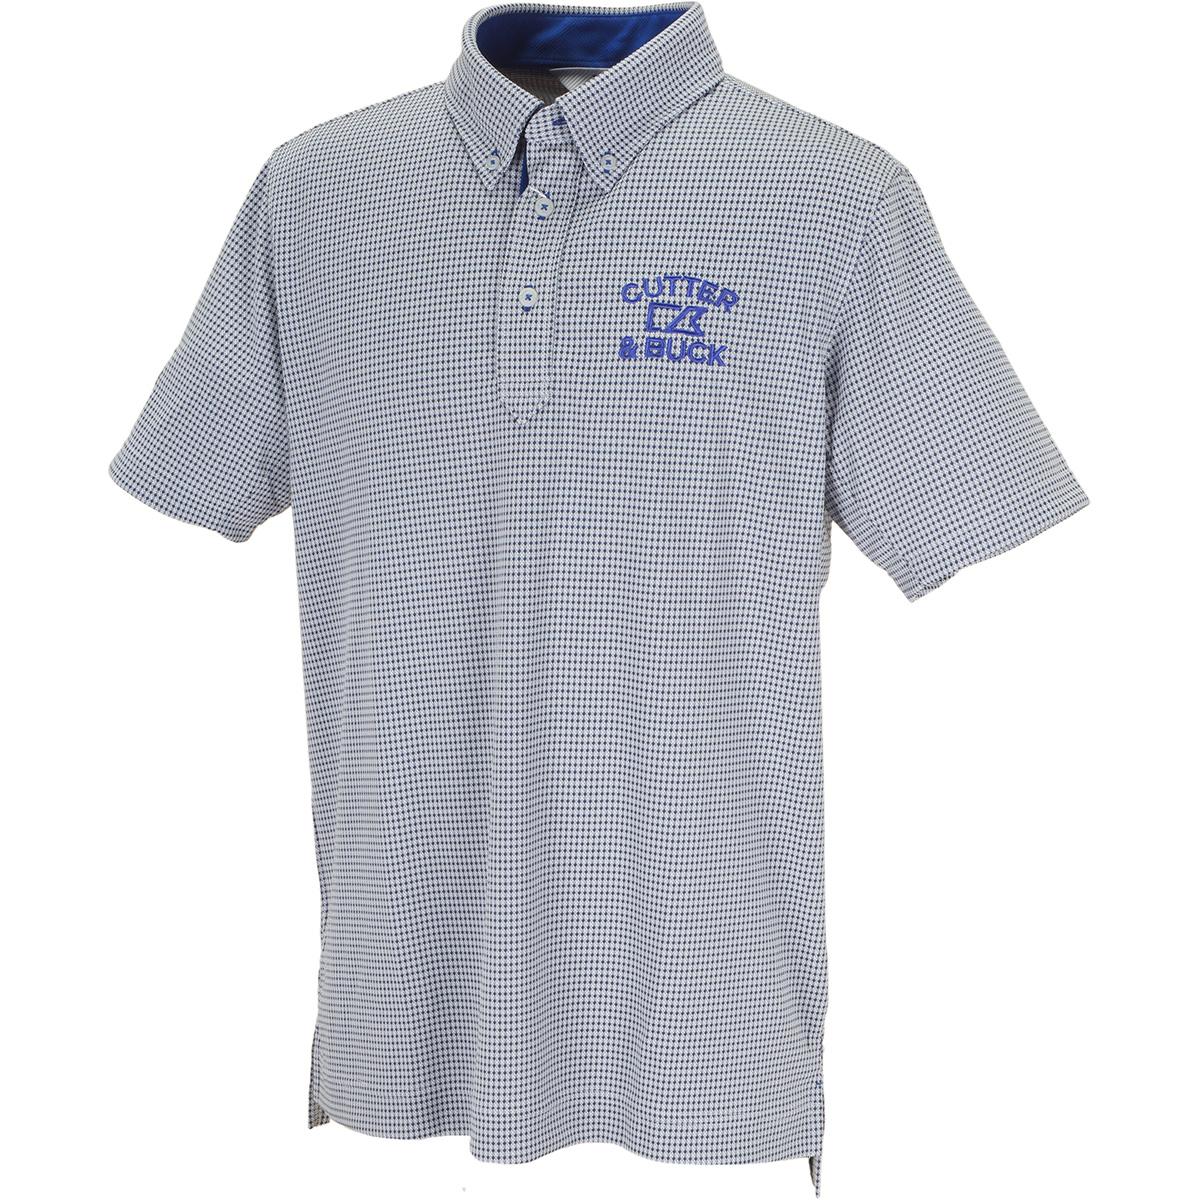 クーリストD-TECミニダイヤ ボタンダウンカラー半袖ニットポロシャツ